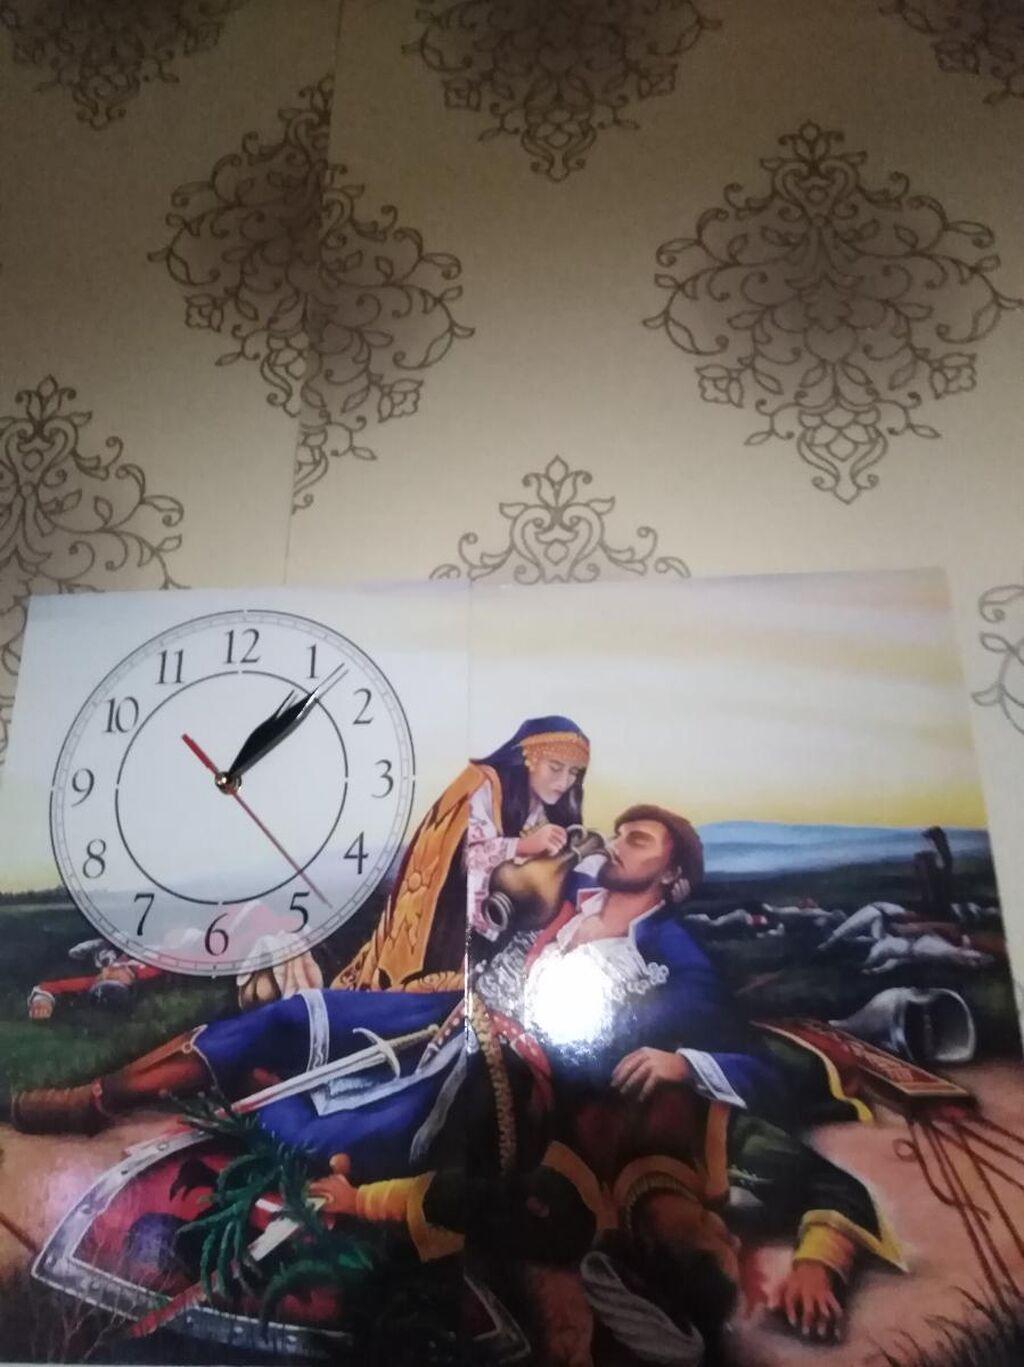 Slika, Kosovka devojka, sa, satom